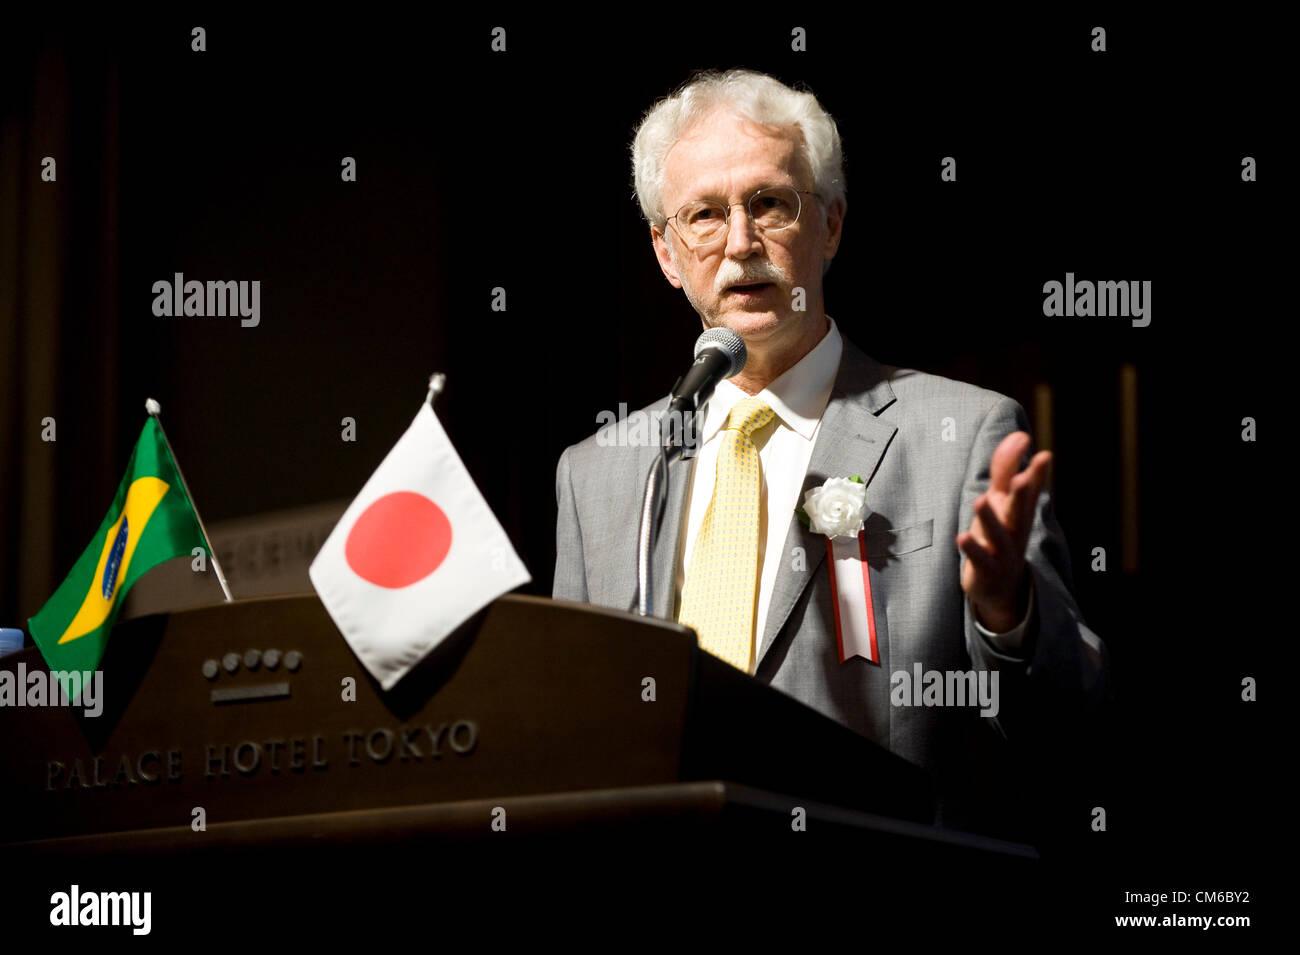 Almir Barbassa, directeur financier de Petrobras, parle pendant la Conférence économique du Brésil Photo Stock